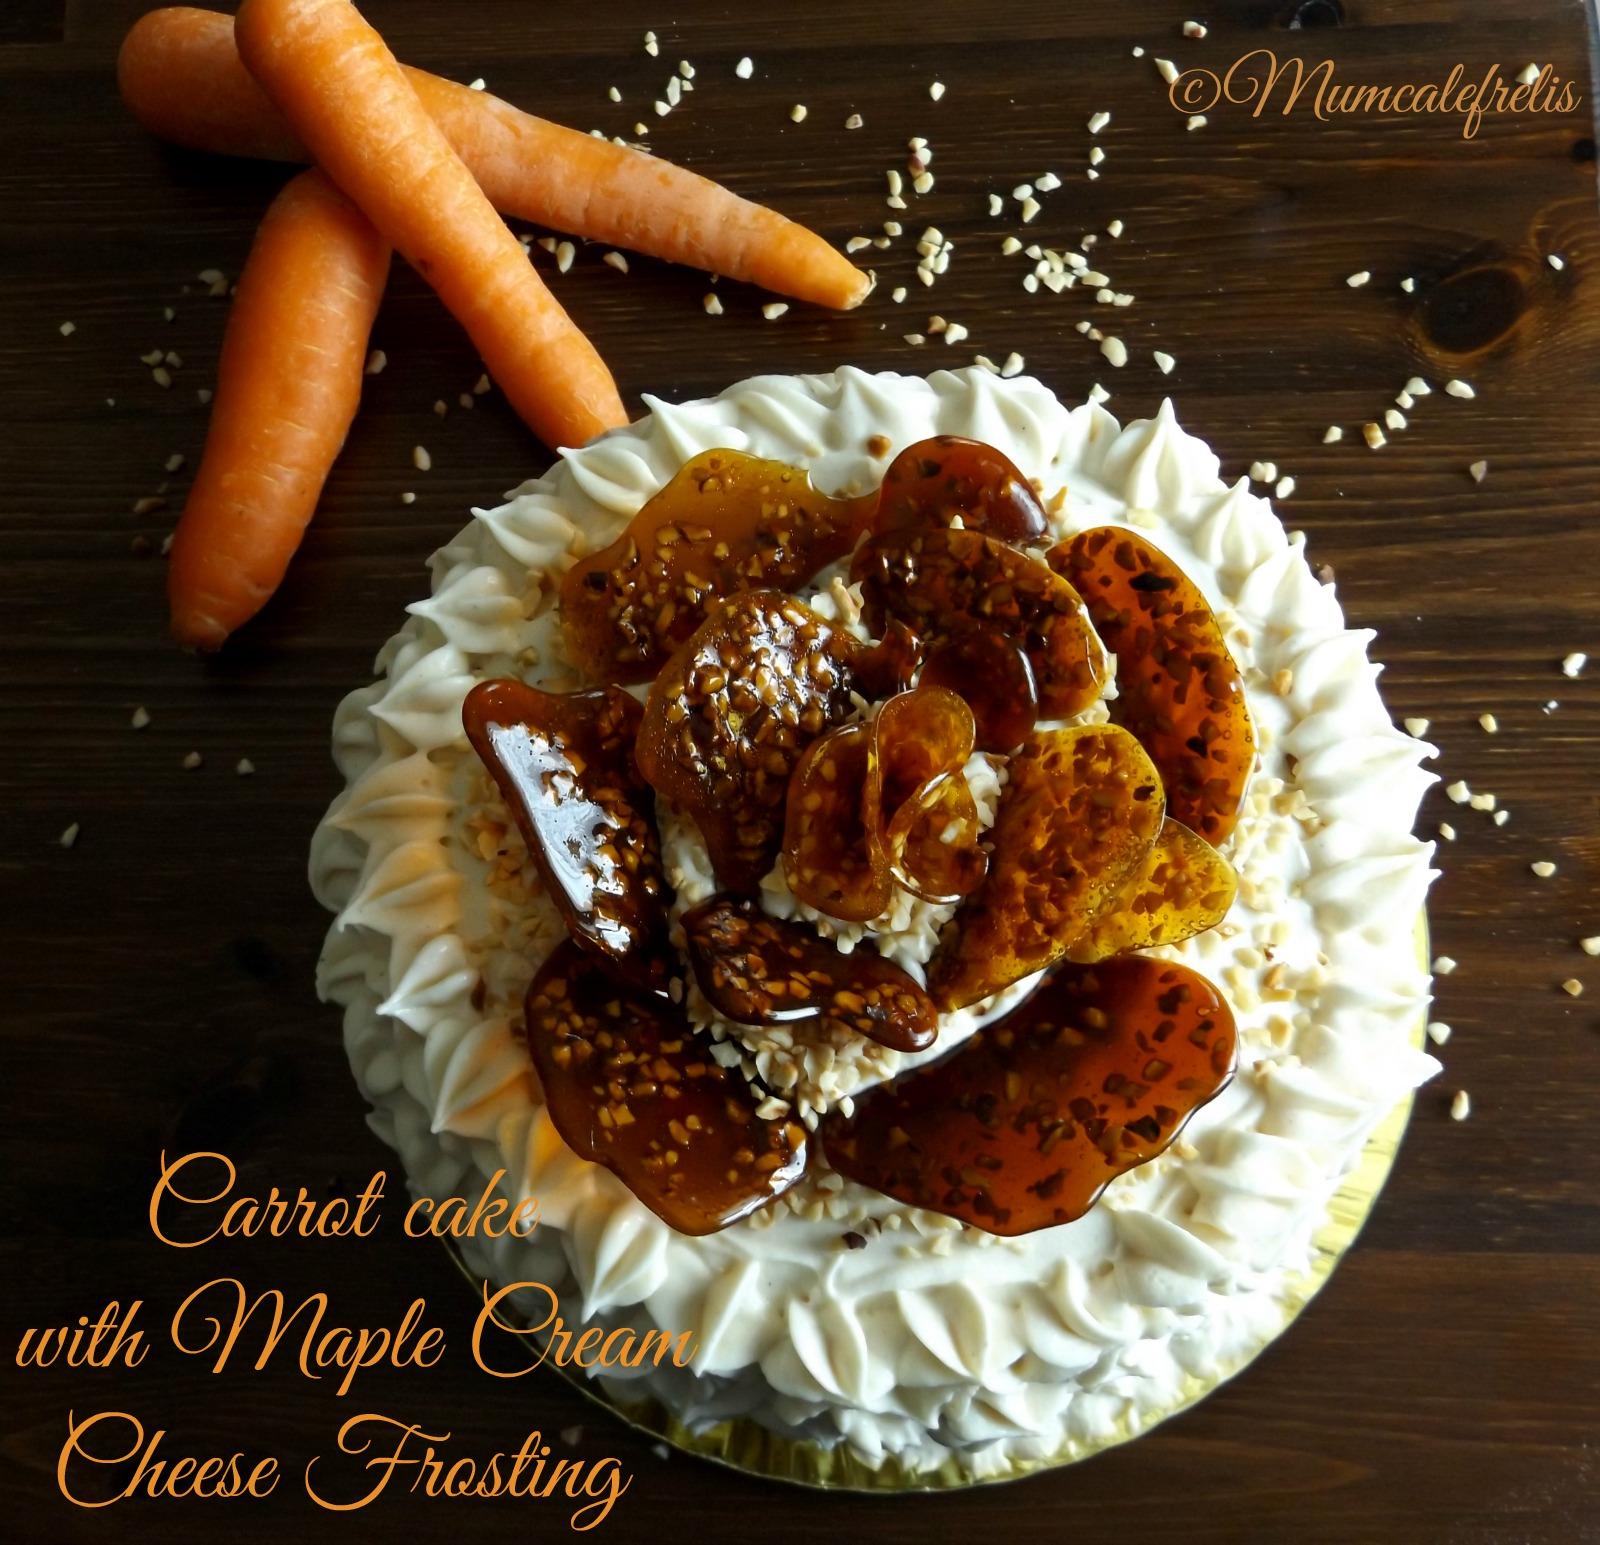 torta di carote con sciroppo d'acero